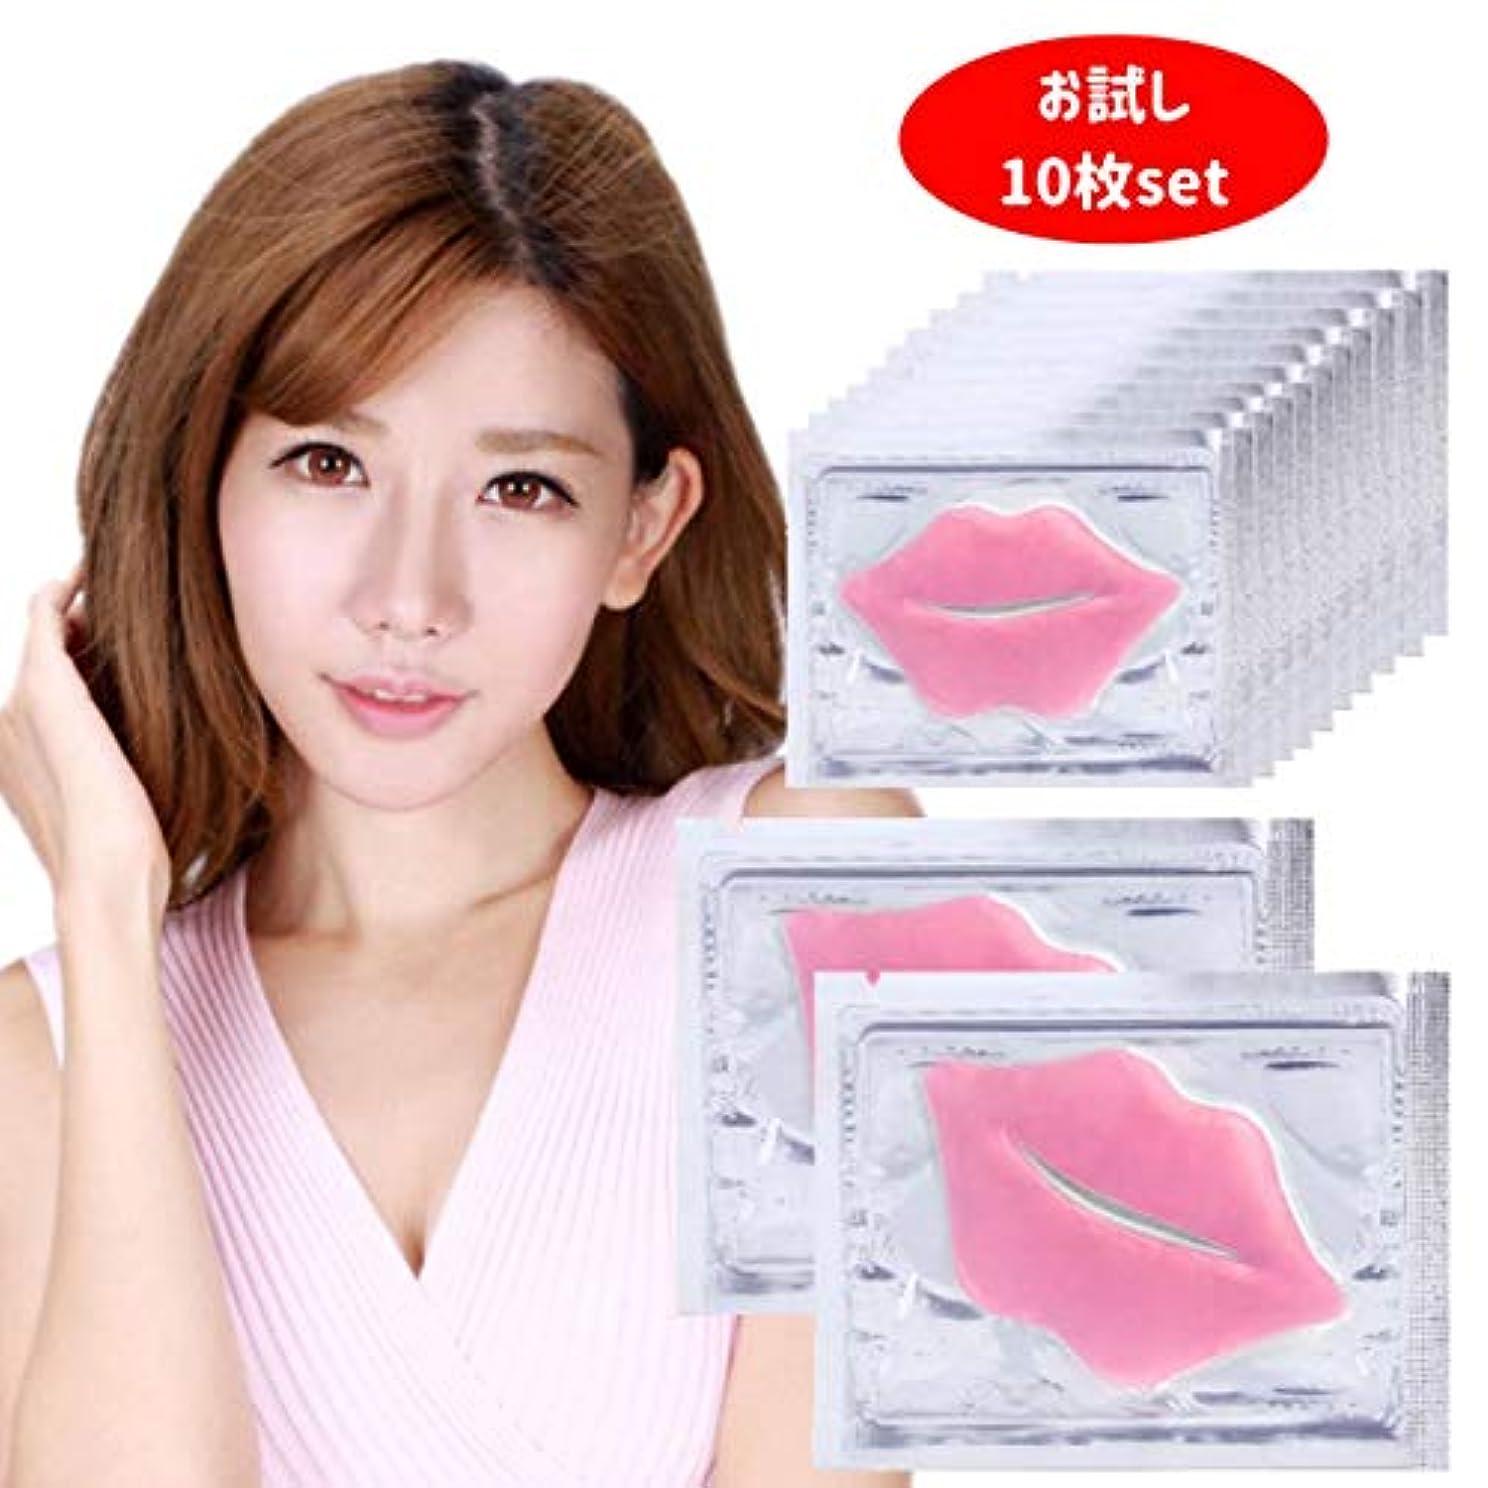 浸食乱す時制大人気 韓国コスメ クリスタルコラーゲンリップマスク リップパック 大人気のリップケア商品 お試し10枚セット 唇の保湿、輝き、潤い、憧れの唇へ ぷるぷると輝くキスしたくなる唇へ